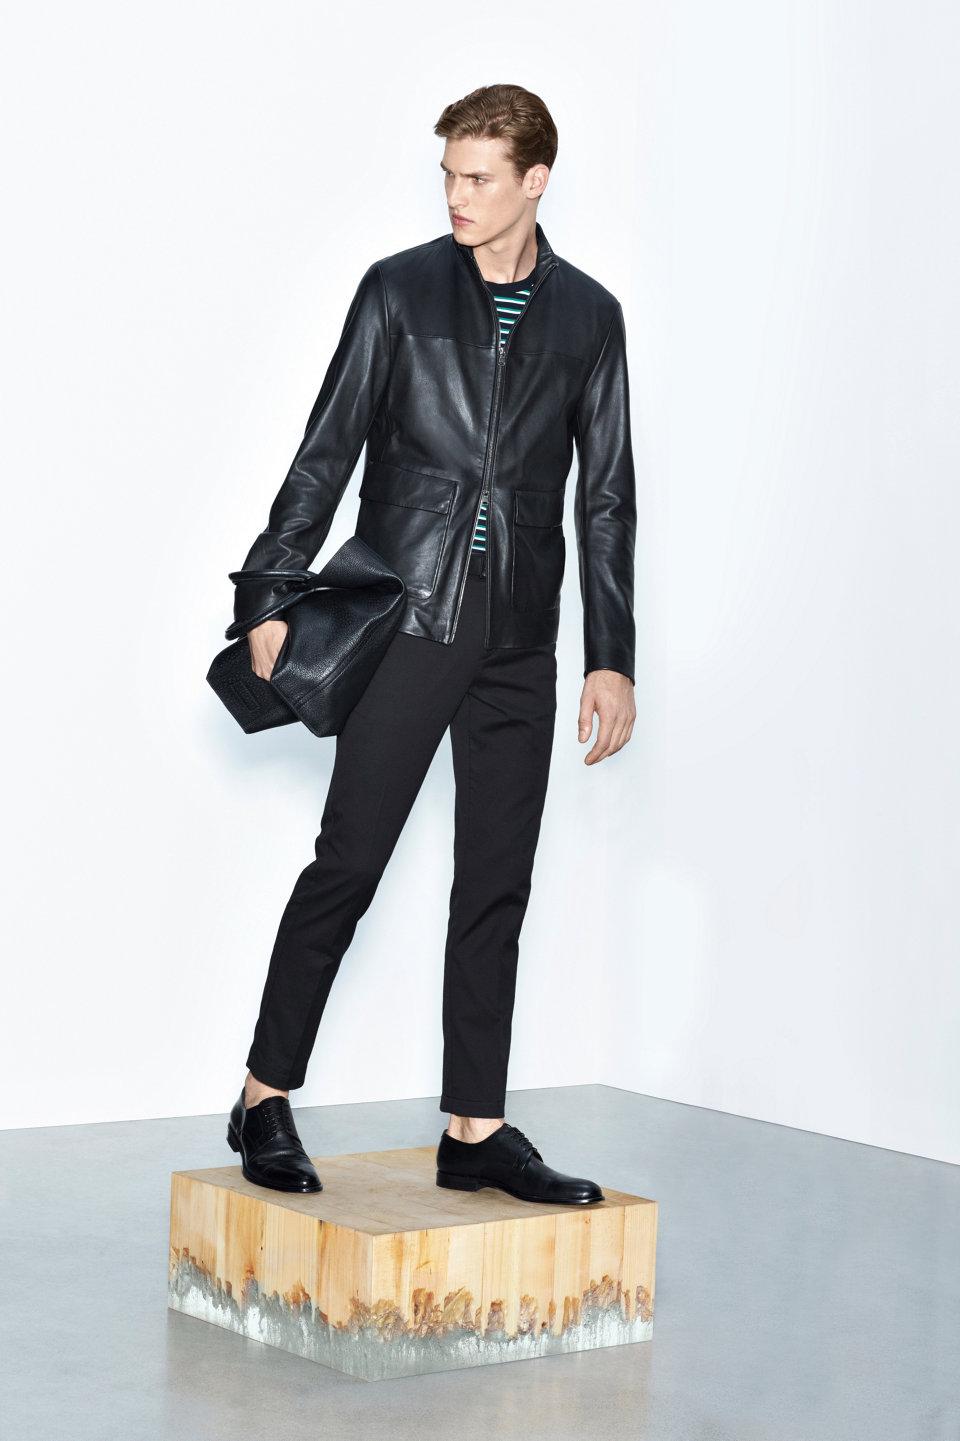 Zwarte leren jas, zwarte broek en zwarte leren schoenenvanBOSS